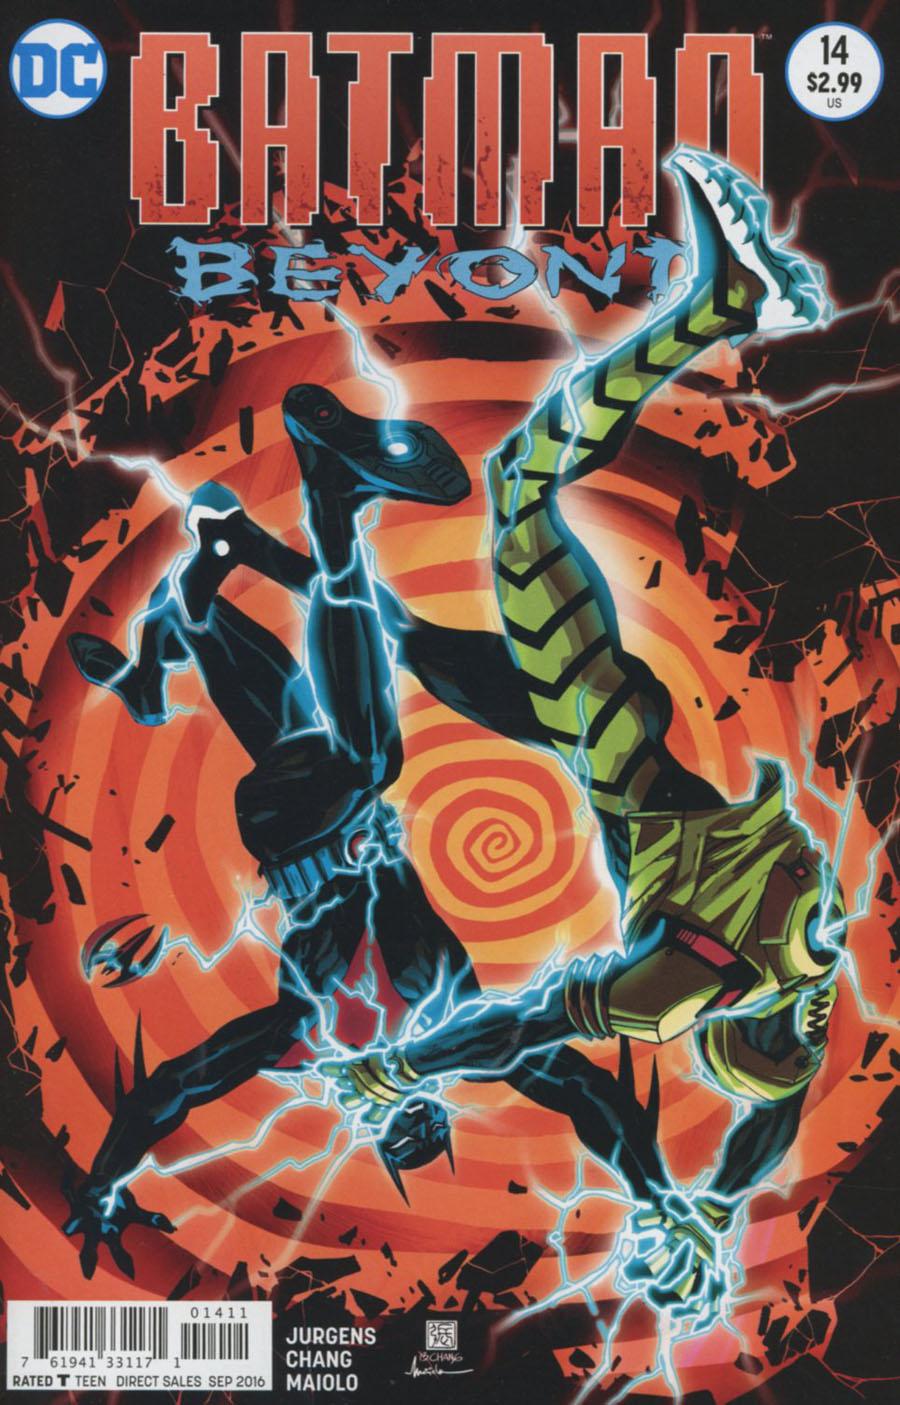 Batman Beyond Vol 5 #14